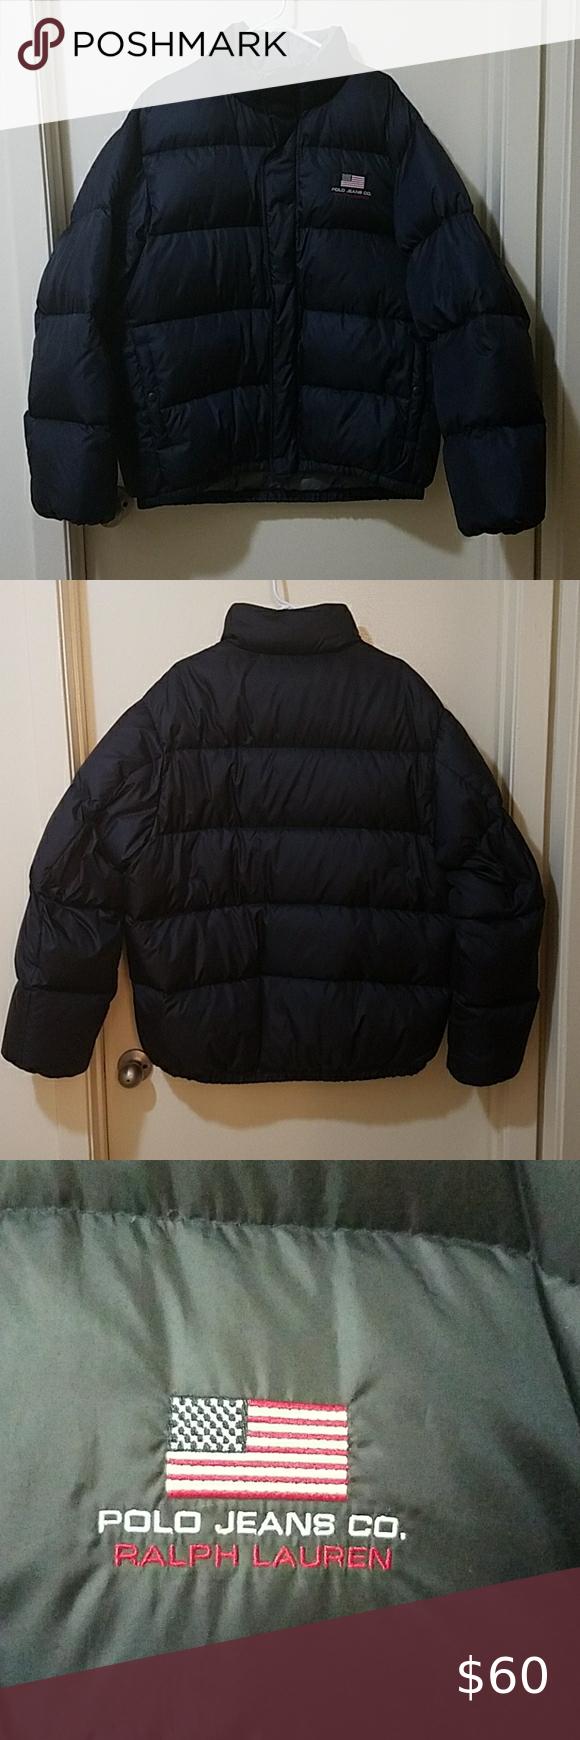 Ralph Lauren By Polo Puffer Jacket Puffer Jackets Ralph Lauren Jackets Jackets [ 1740 x 580 Pixel ]